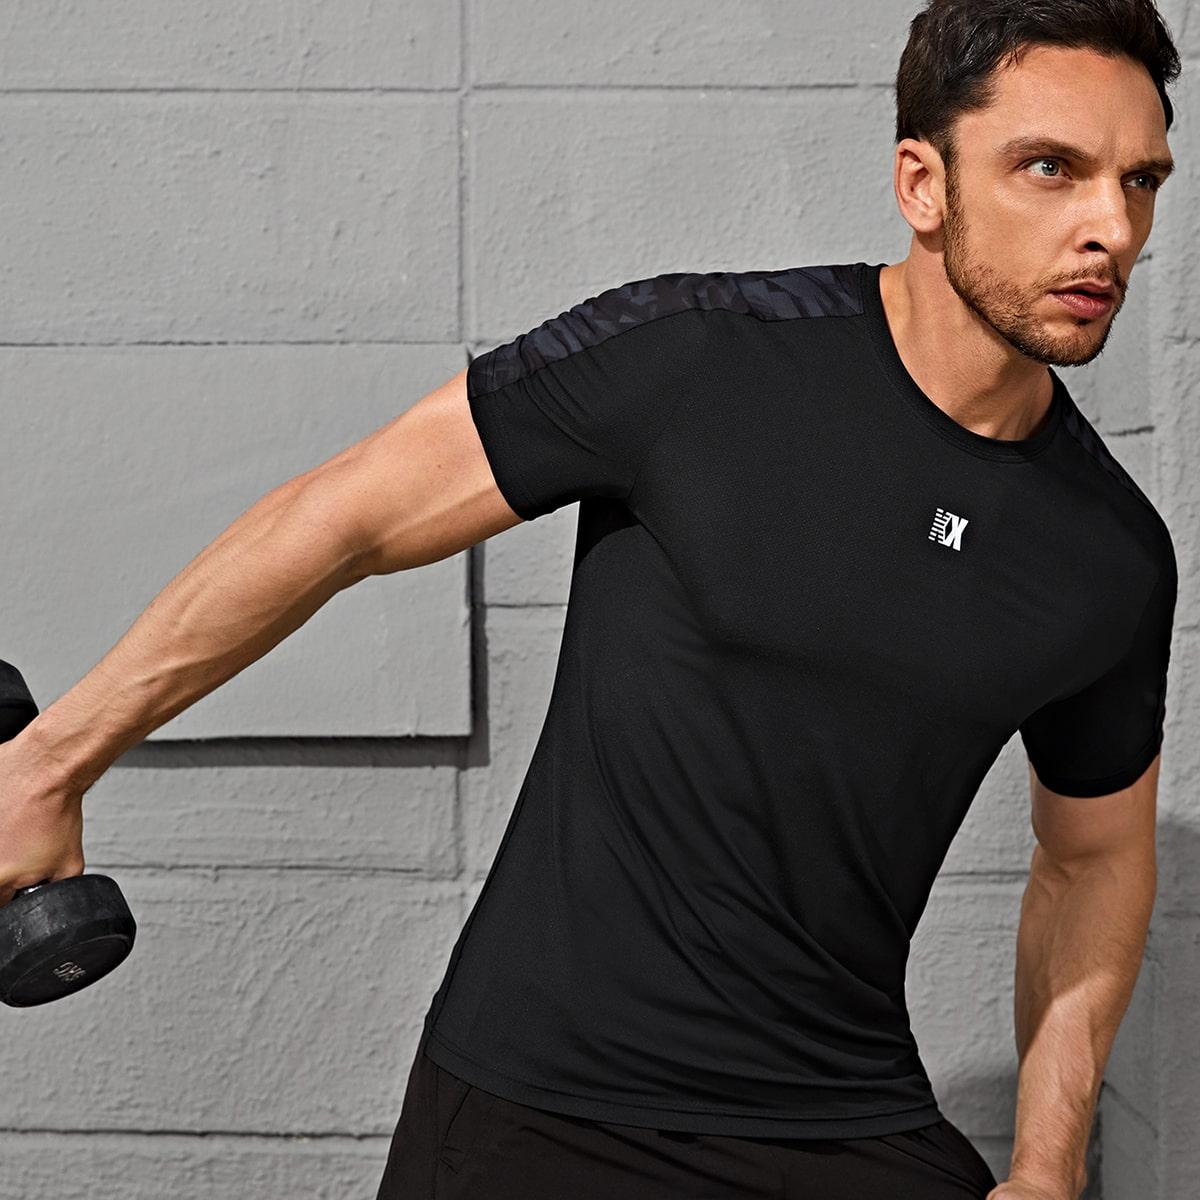 Мужская спортивная футболка с текстовым принтом по цене 870